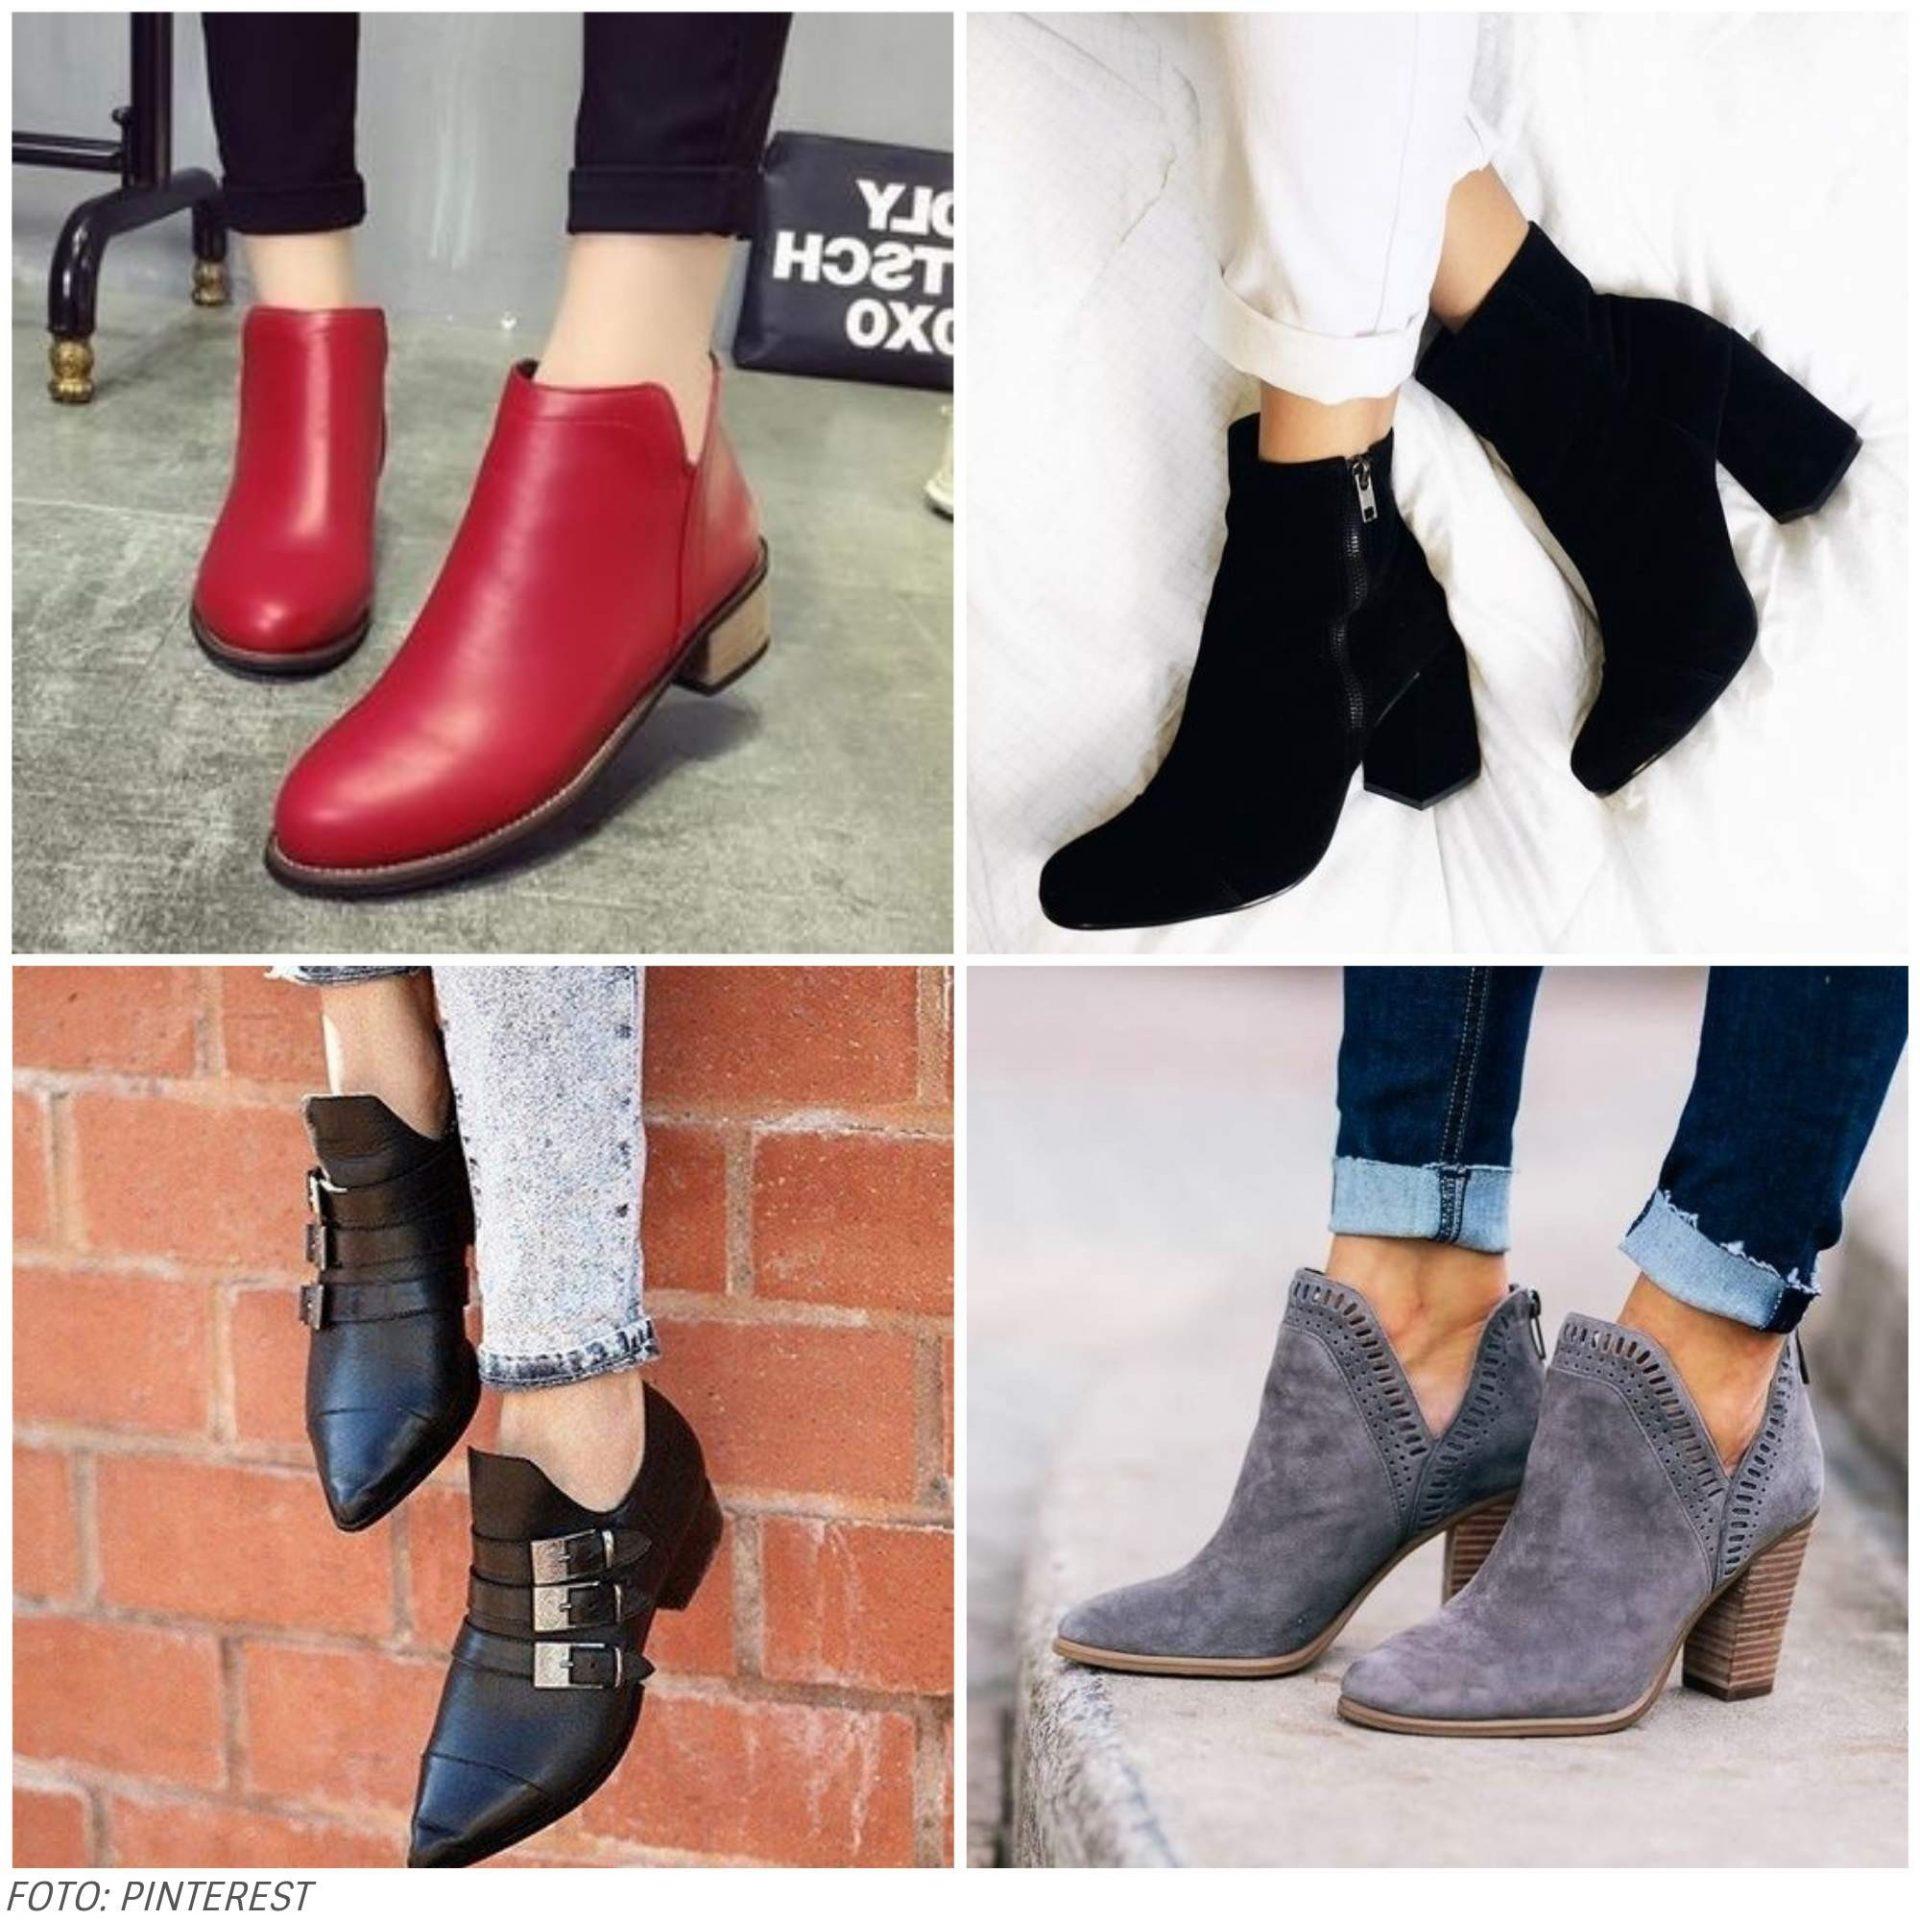 botas femininas 1 1 - Botas femininas no verão? 6 dicas pra provar que pode sim!